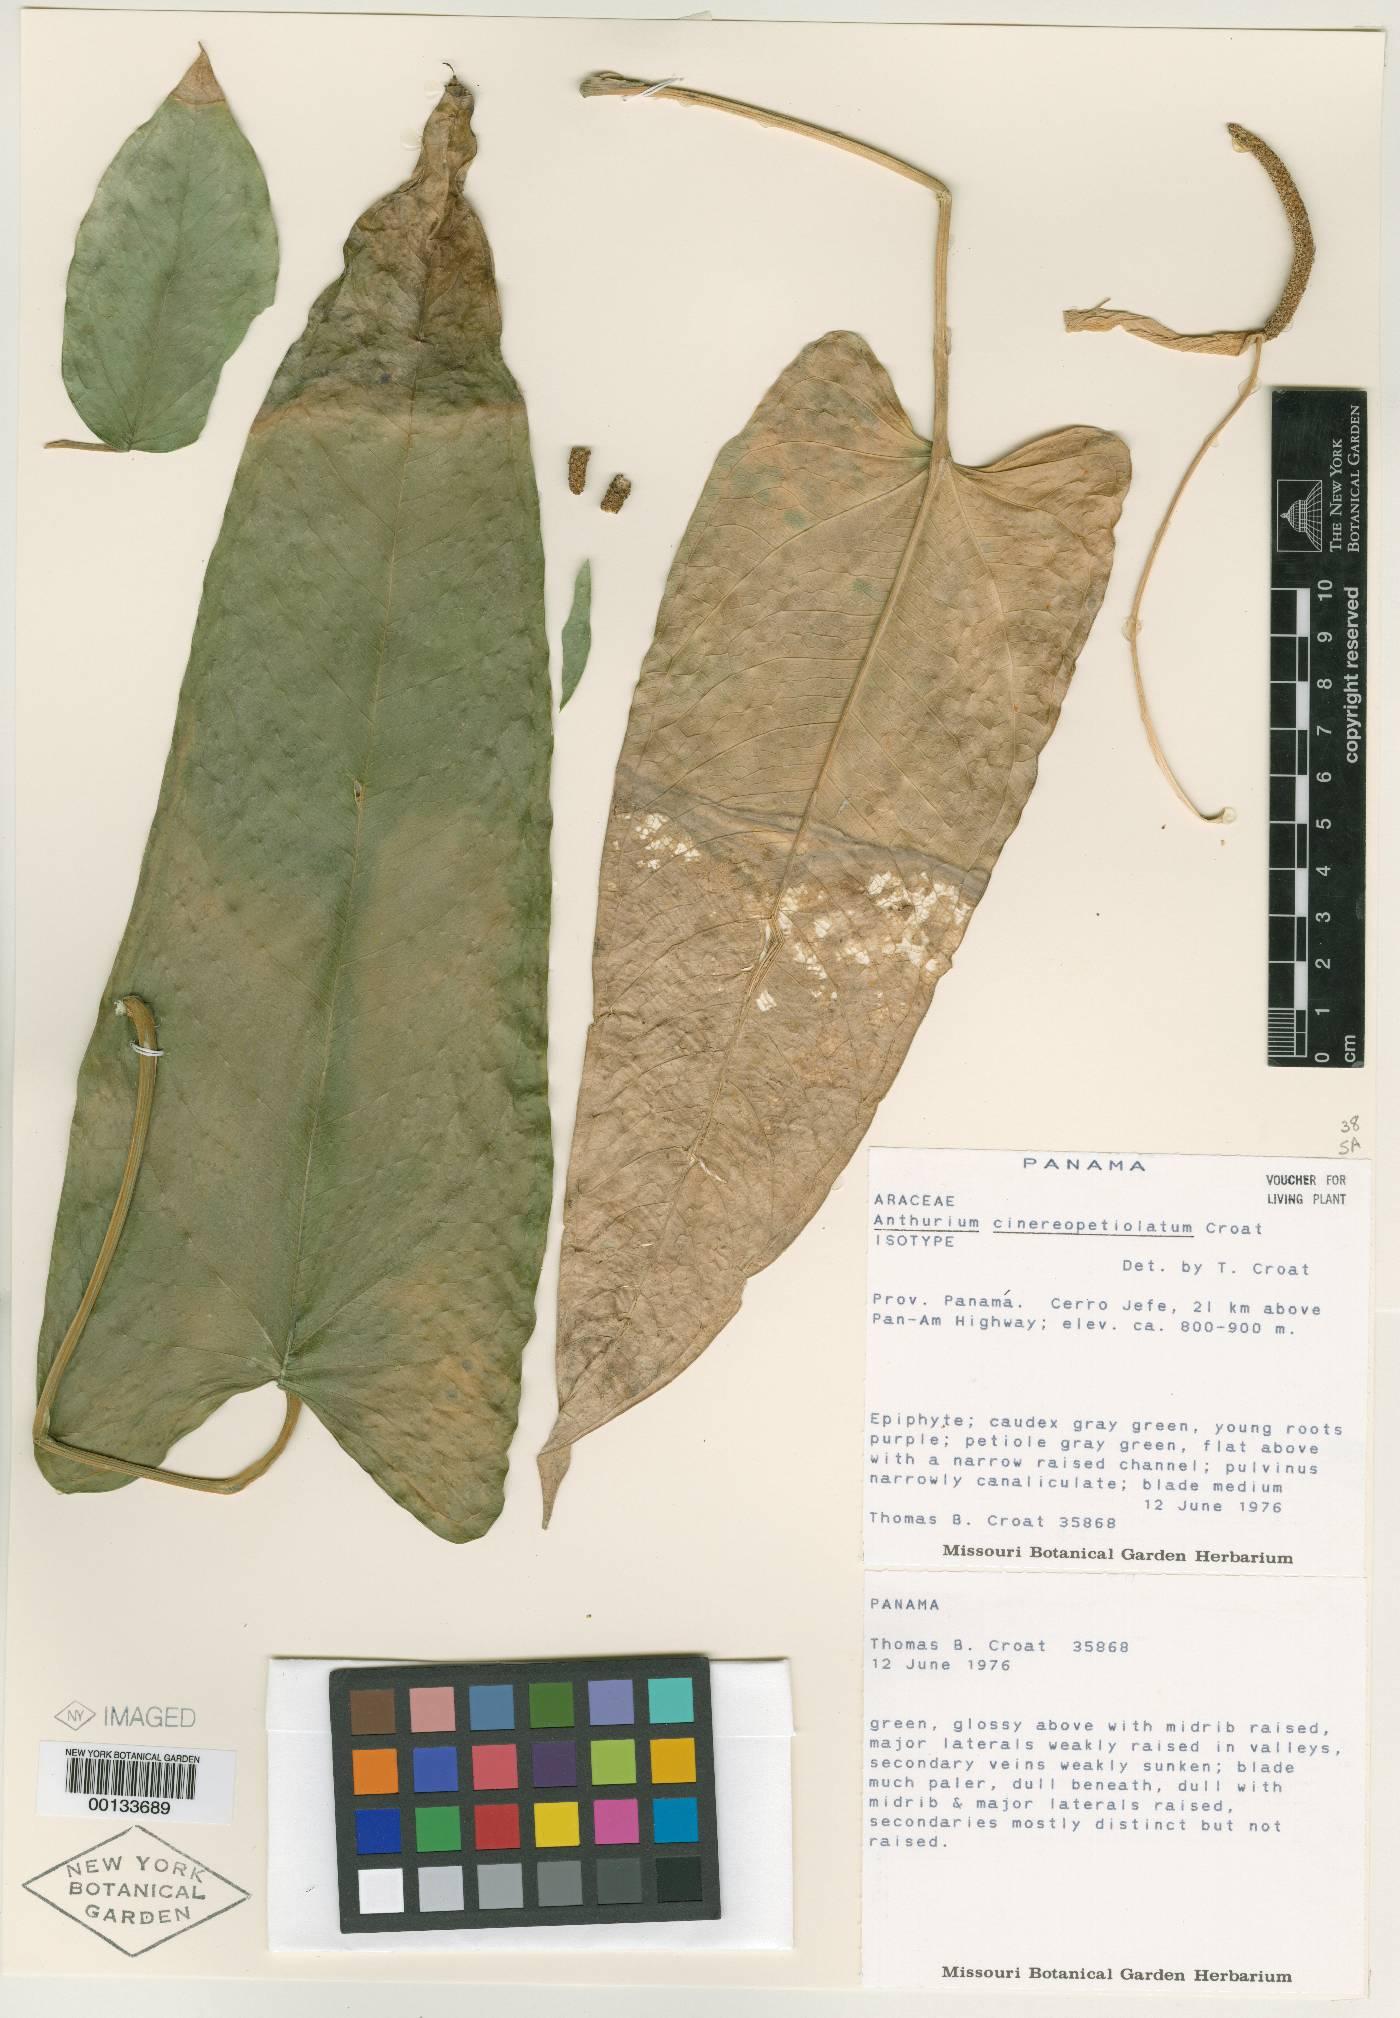 Anthurium cinereopetiolatum image